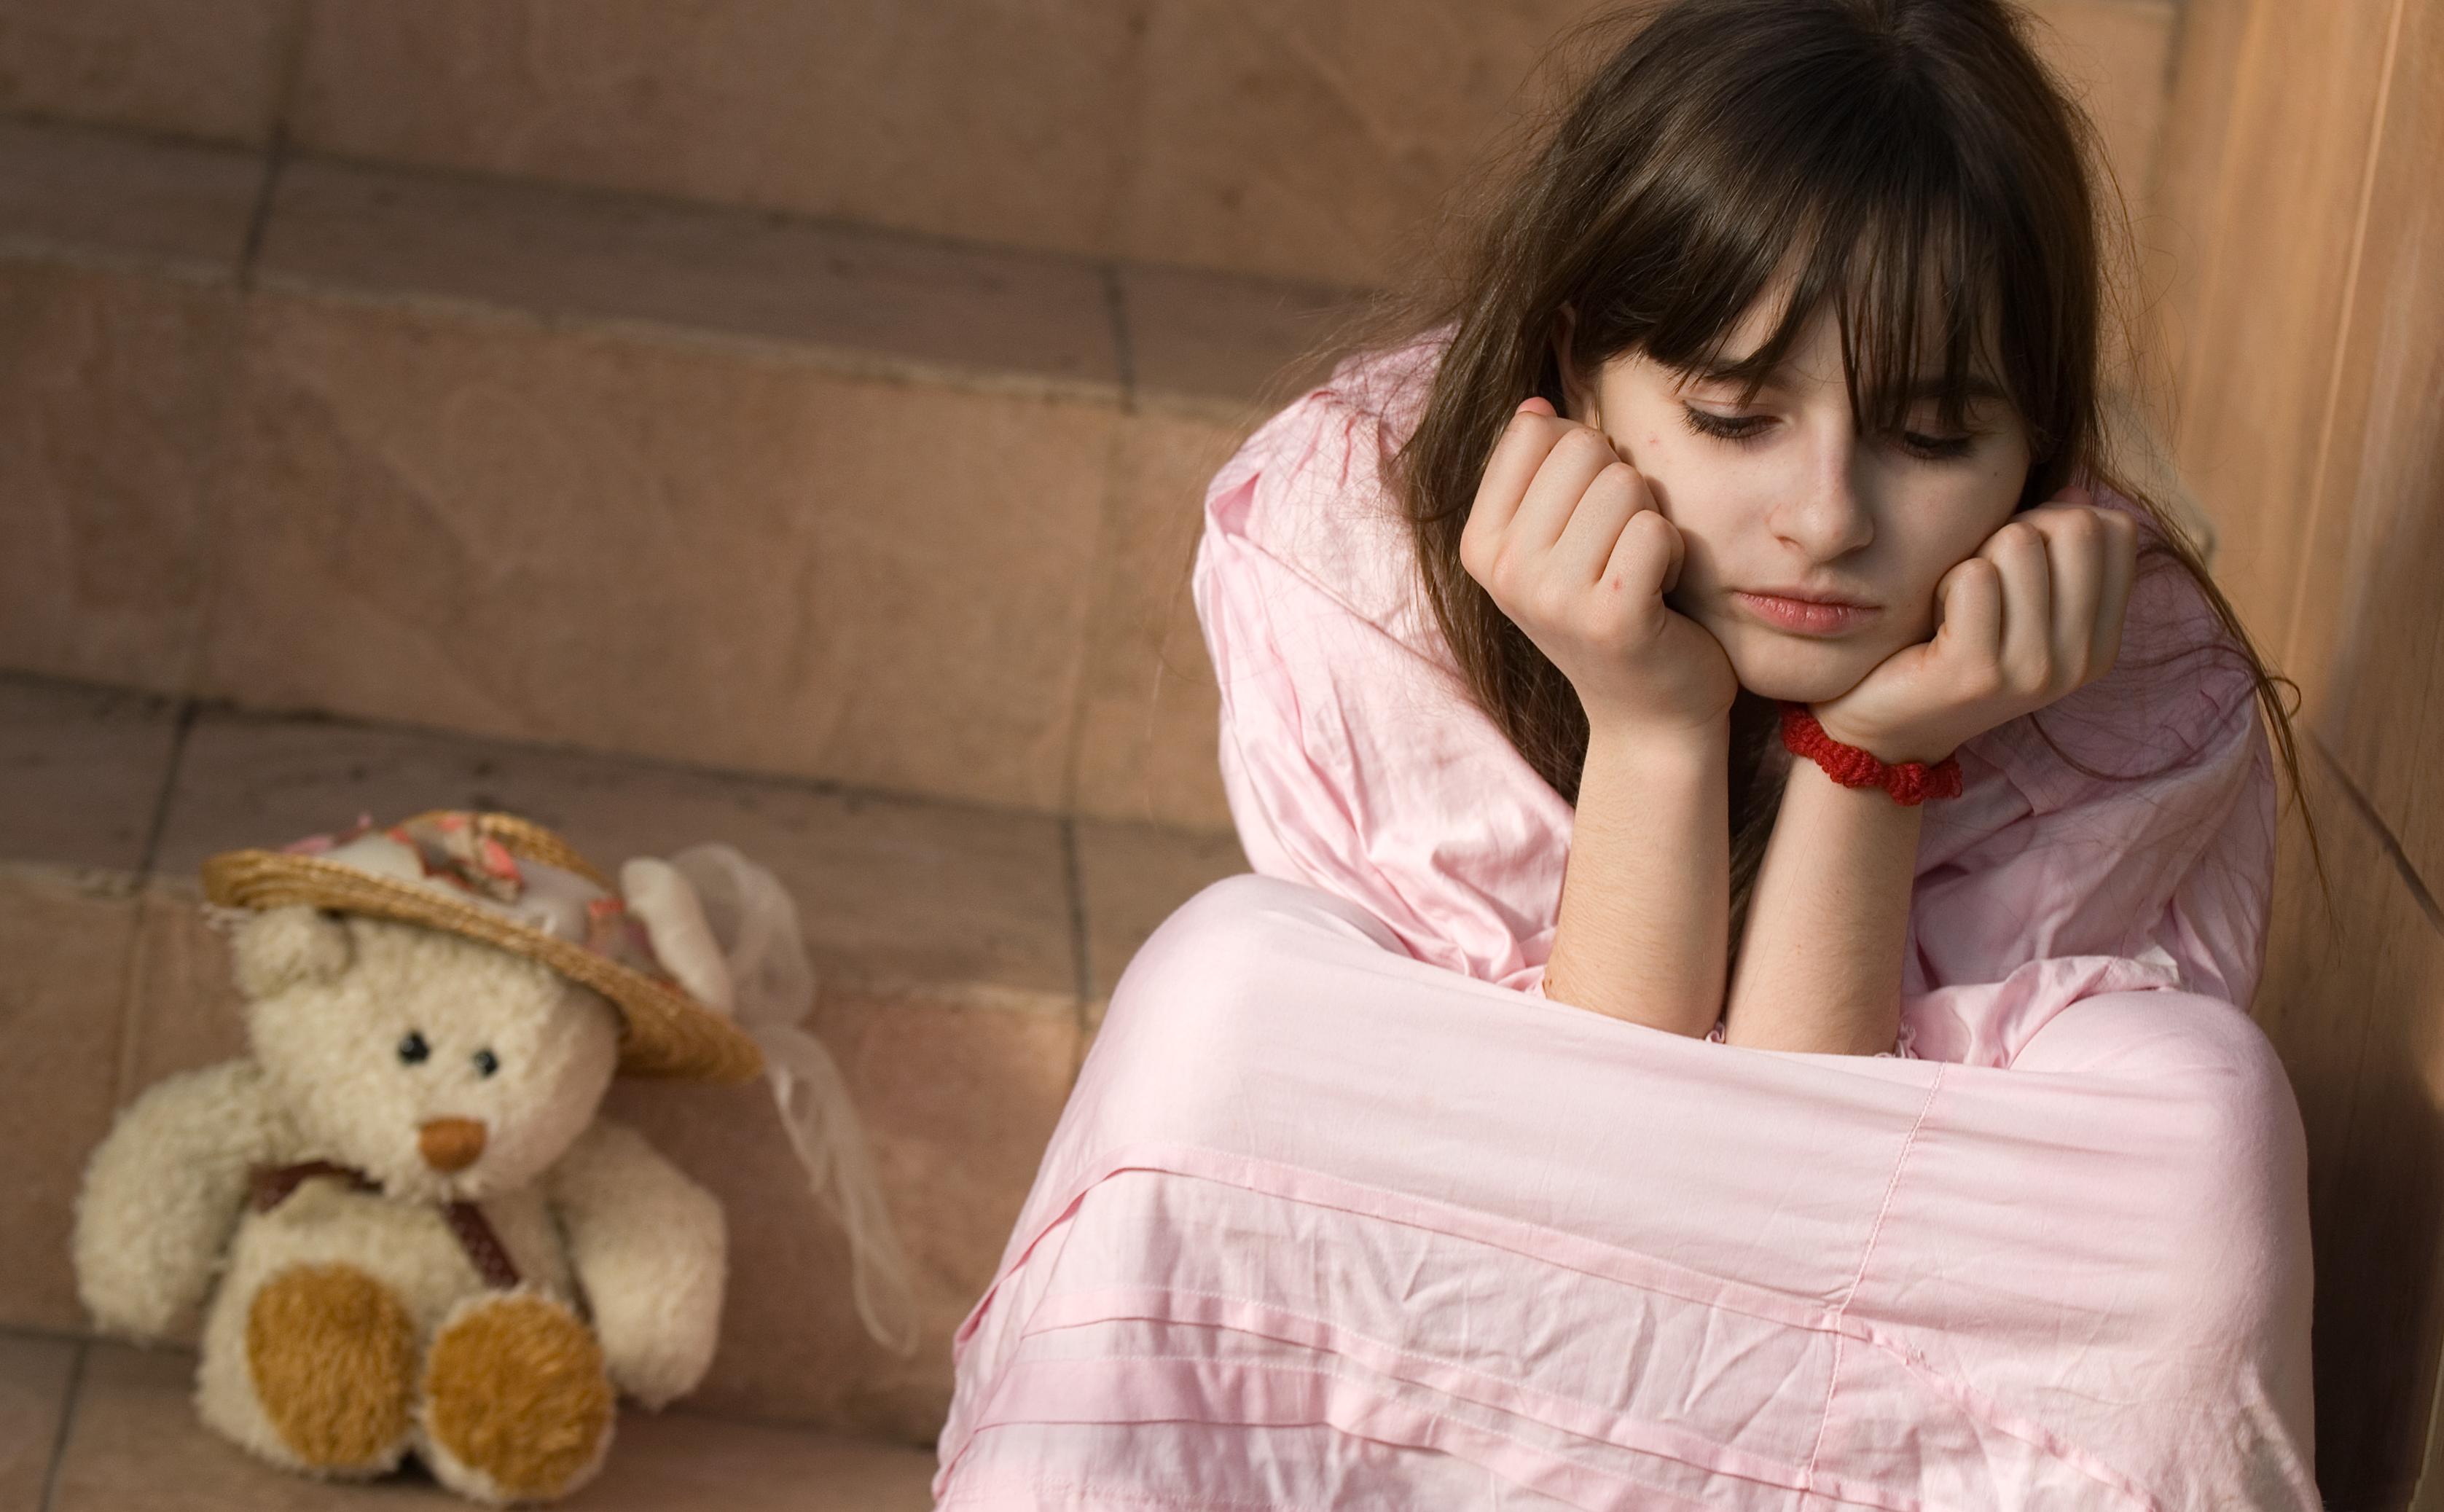 sfatulparinitlor.ro - depresie copii - depresie adolescenti - stockfreeimages.com